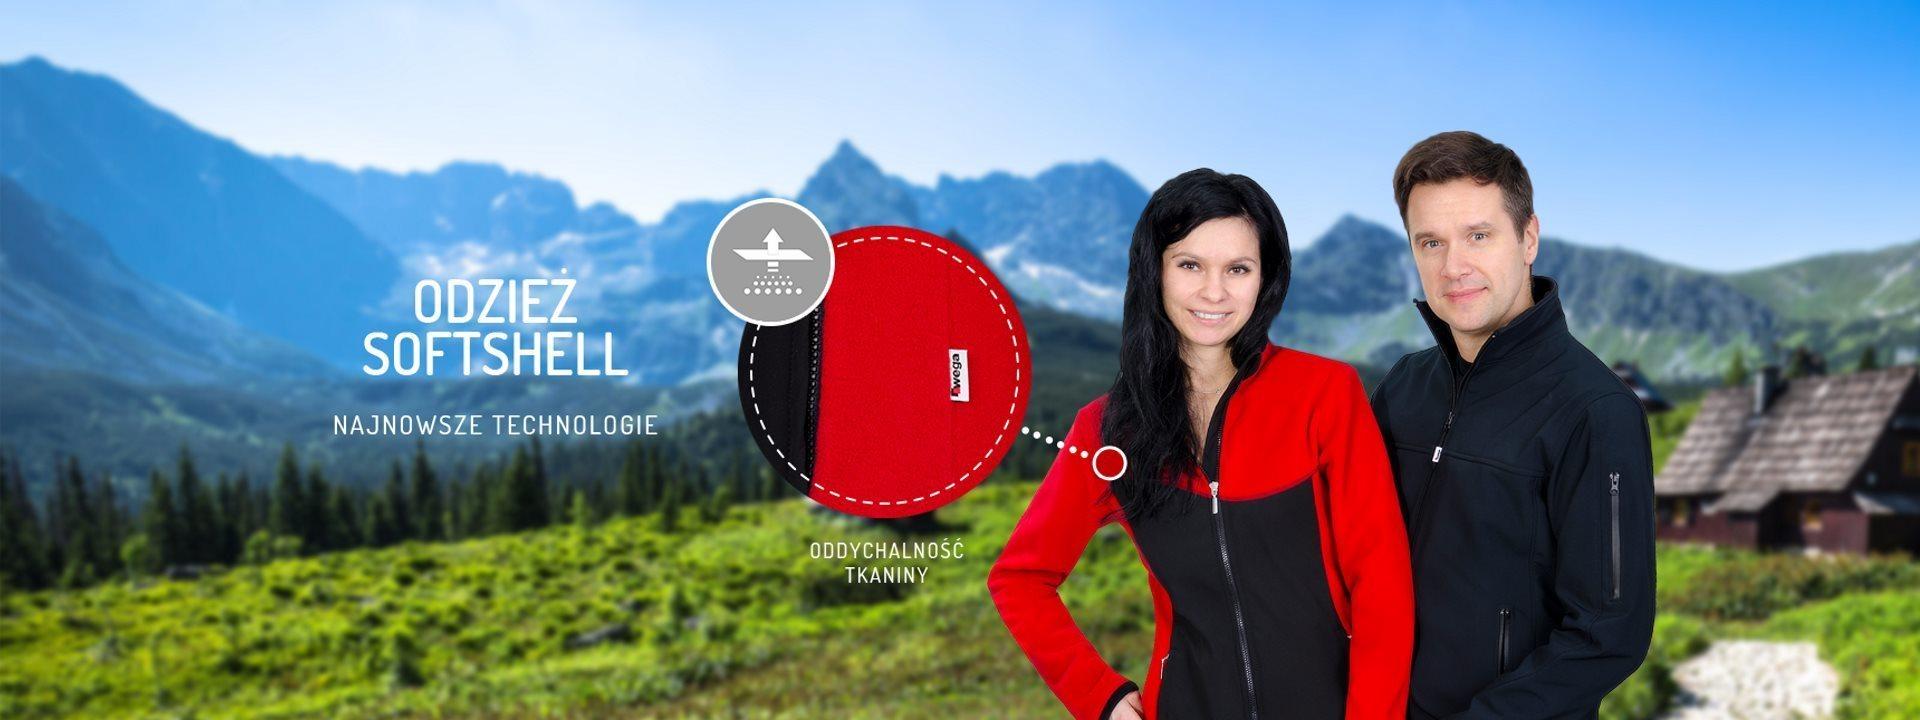 odzież dla firm, reklamowa i ochronna z certyfikatem, na zamówienie od producenta szyte w polsce, buty robocze s1 s2 s3